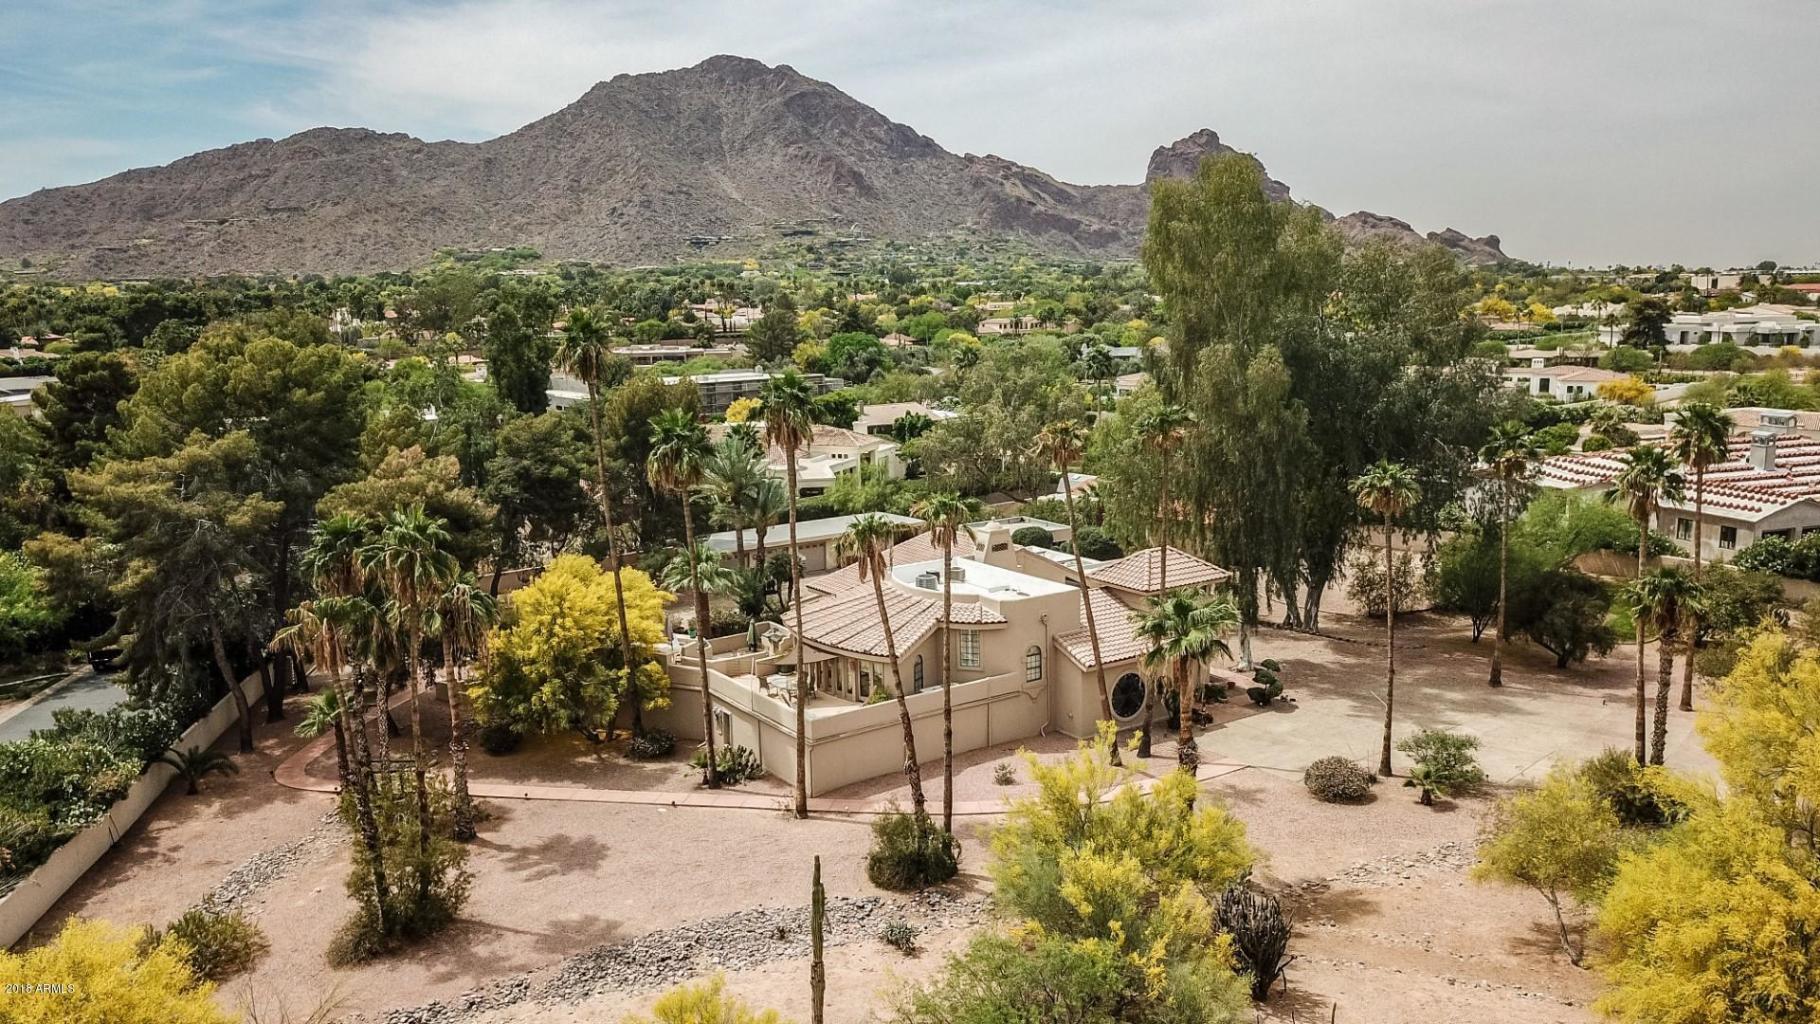 6145 E Cactus Wren Rd, Paradise Valley | $1,830,000